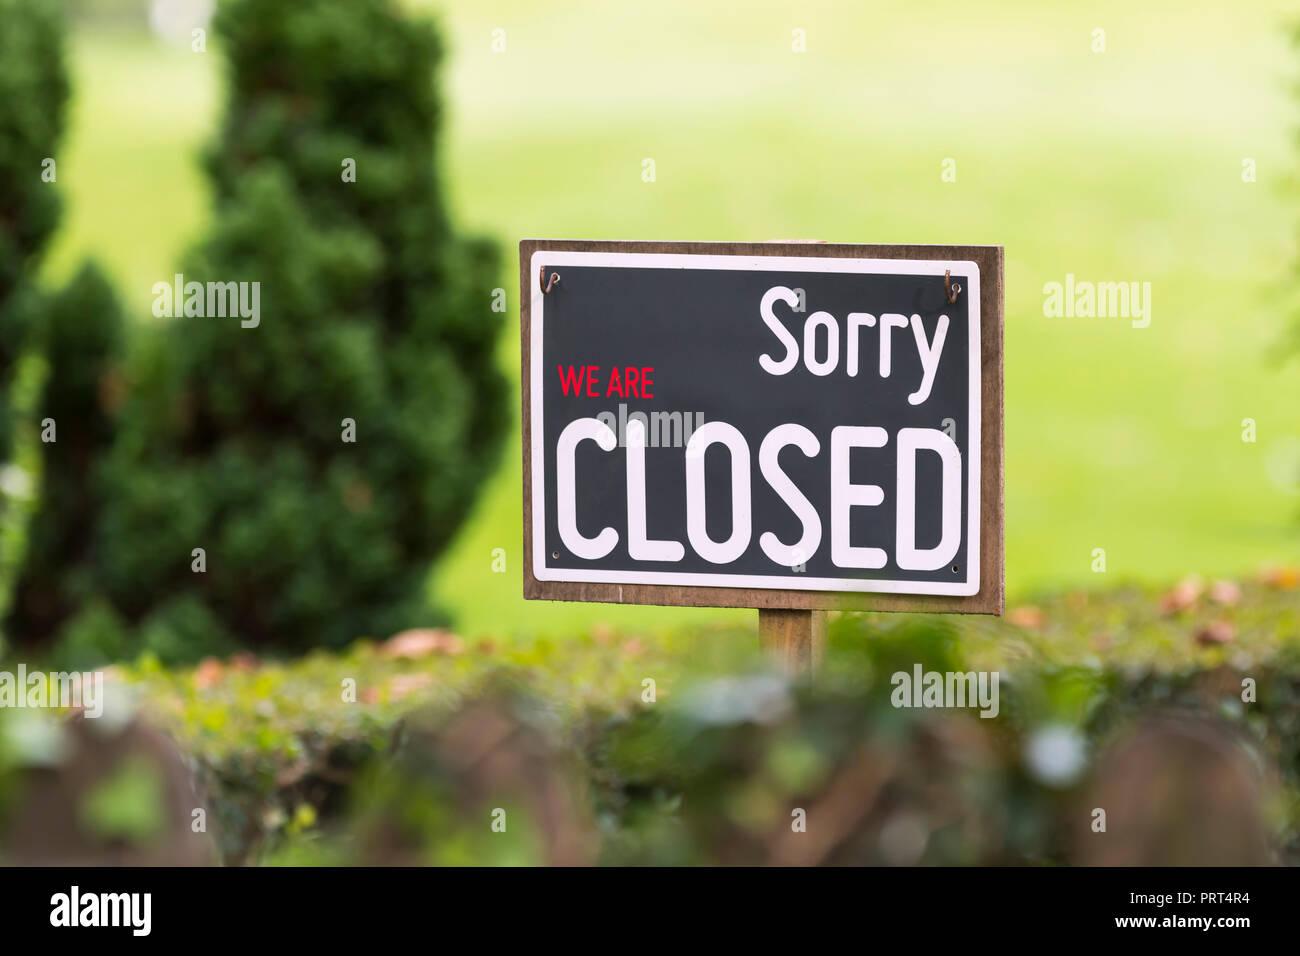 Désolés nous sommes fermés signe extérieur d'un café qui est fermé pour l'année au Royaume-Uni. Signe extérieur clos. Photo Stock